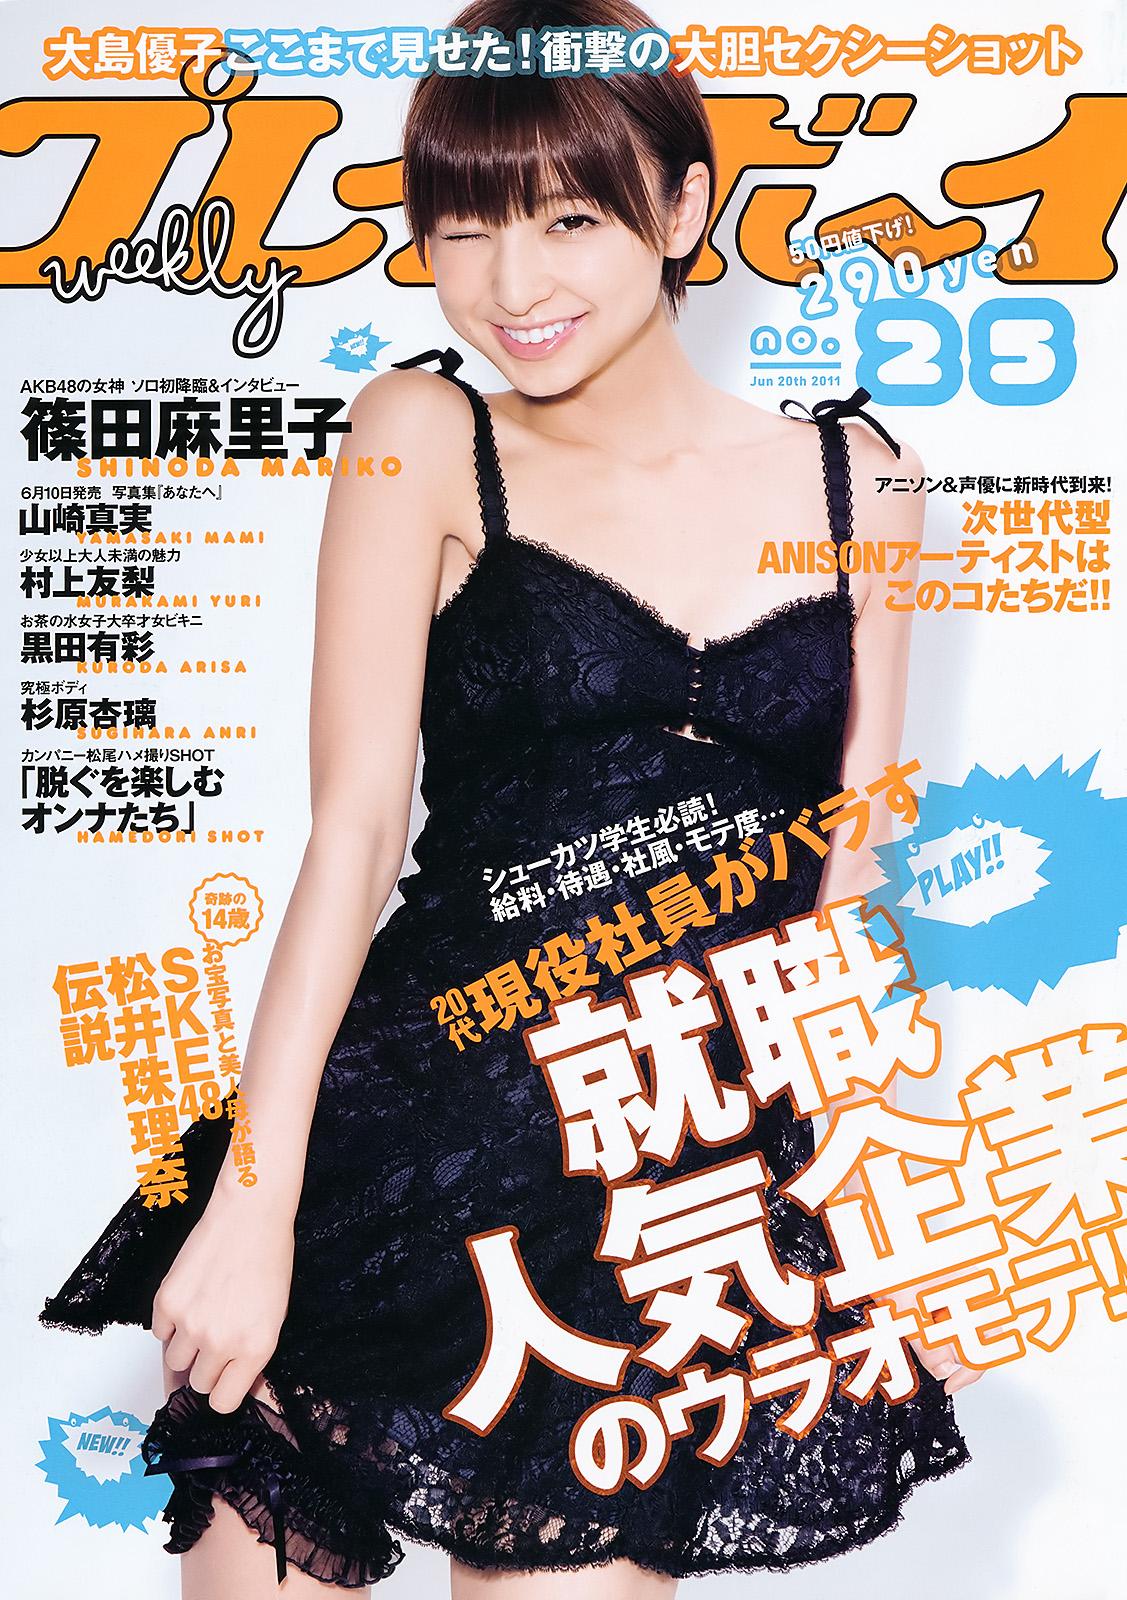 20151024.03.05 Weekly Playboy (2011.25) 001 (JPOP.ru).jpg